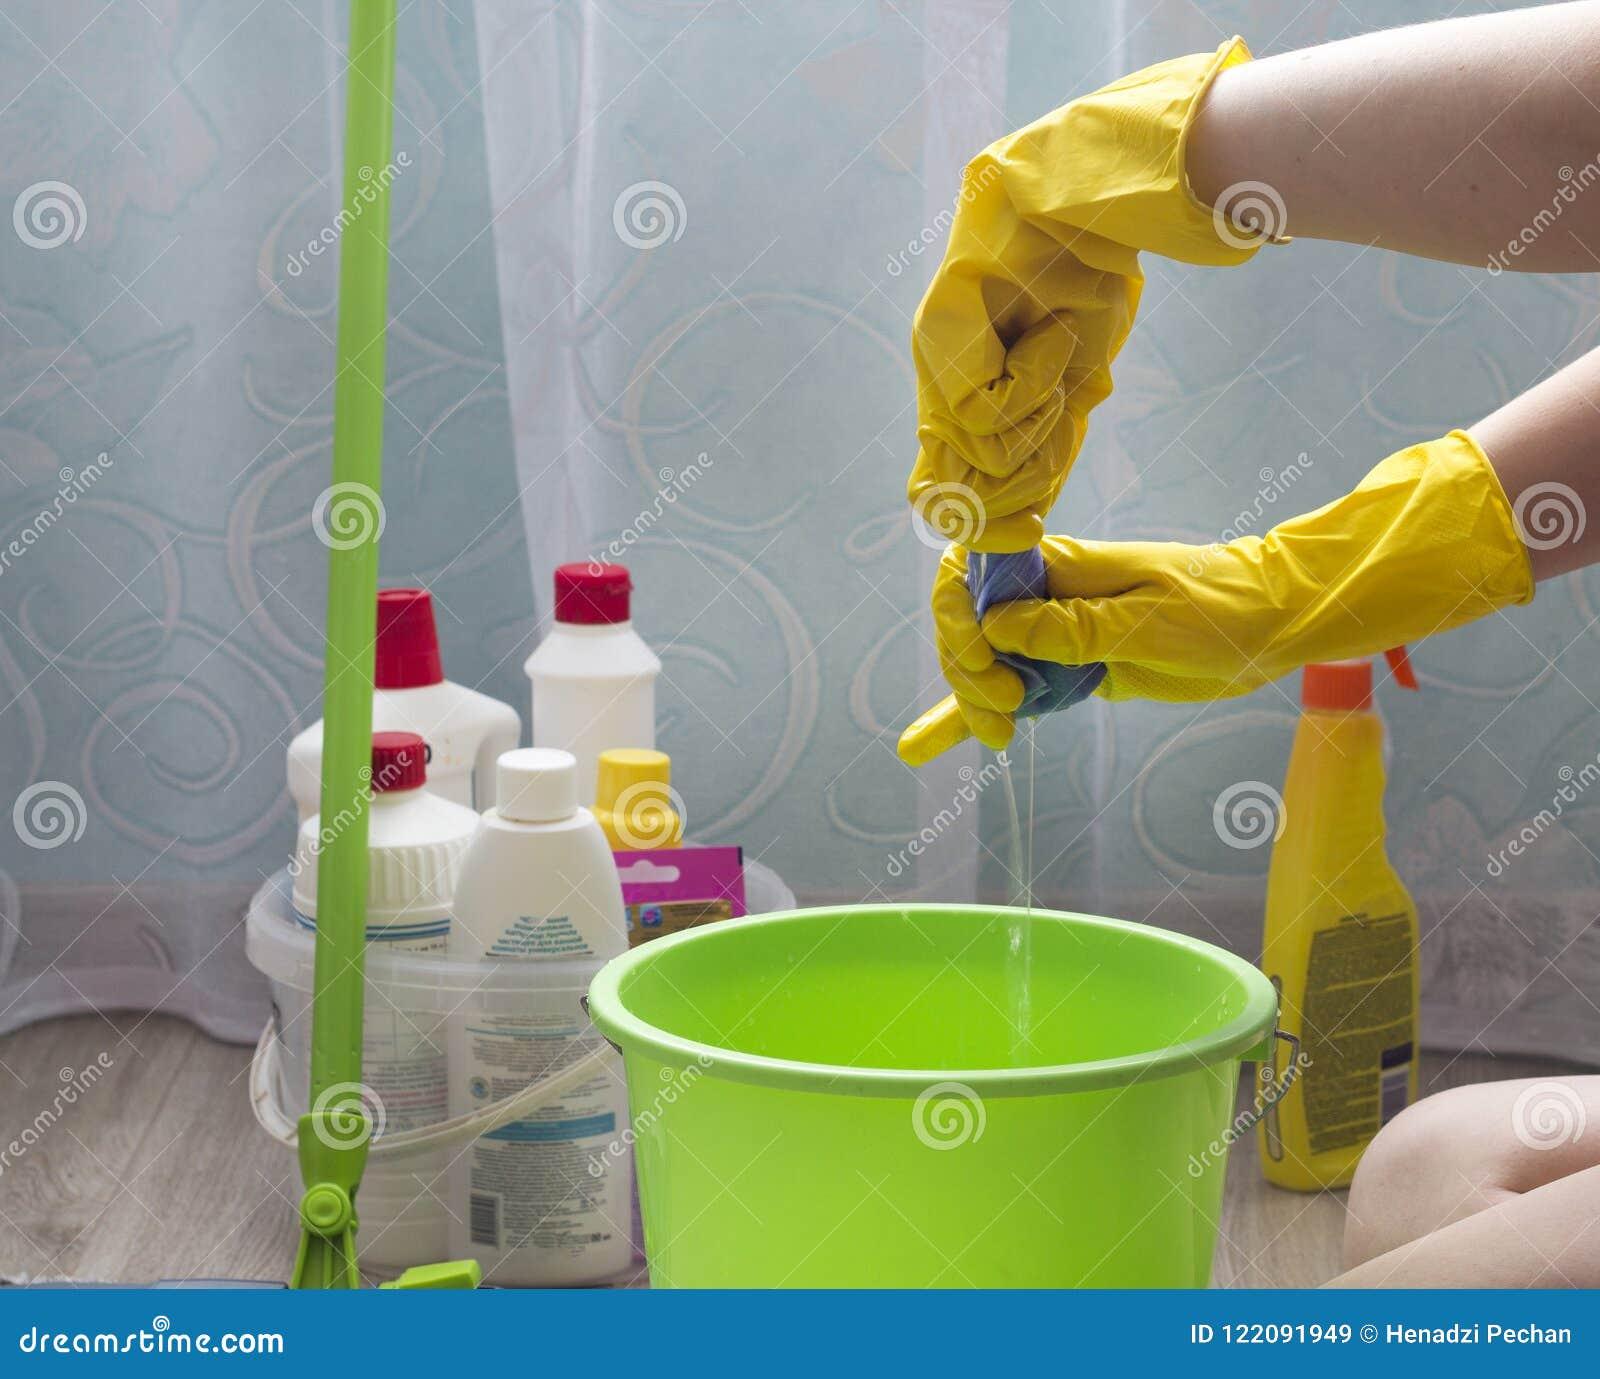 En flicka i gula handskar pressar en trasa in i en hinkhemhjälp